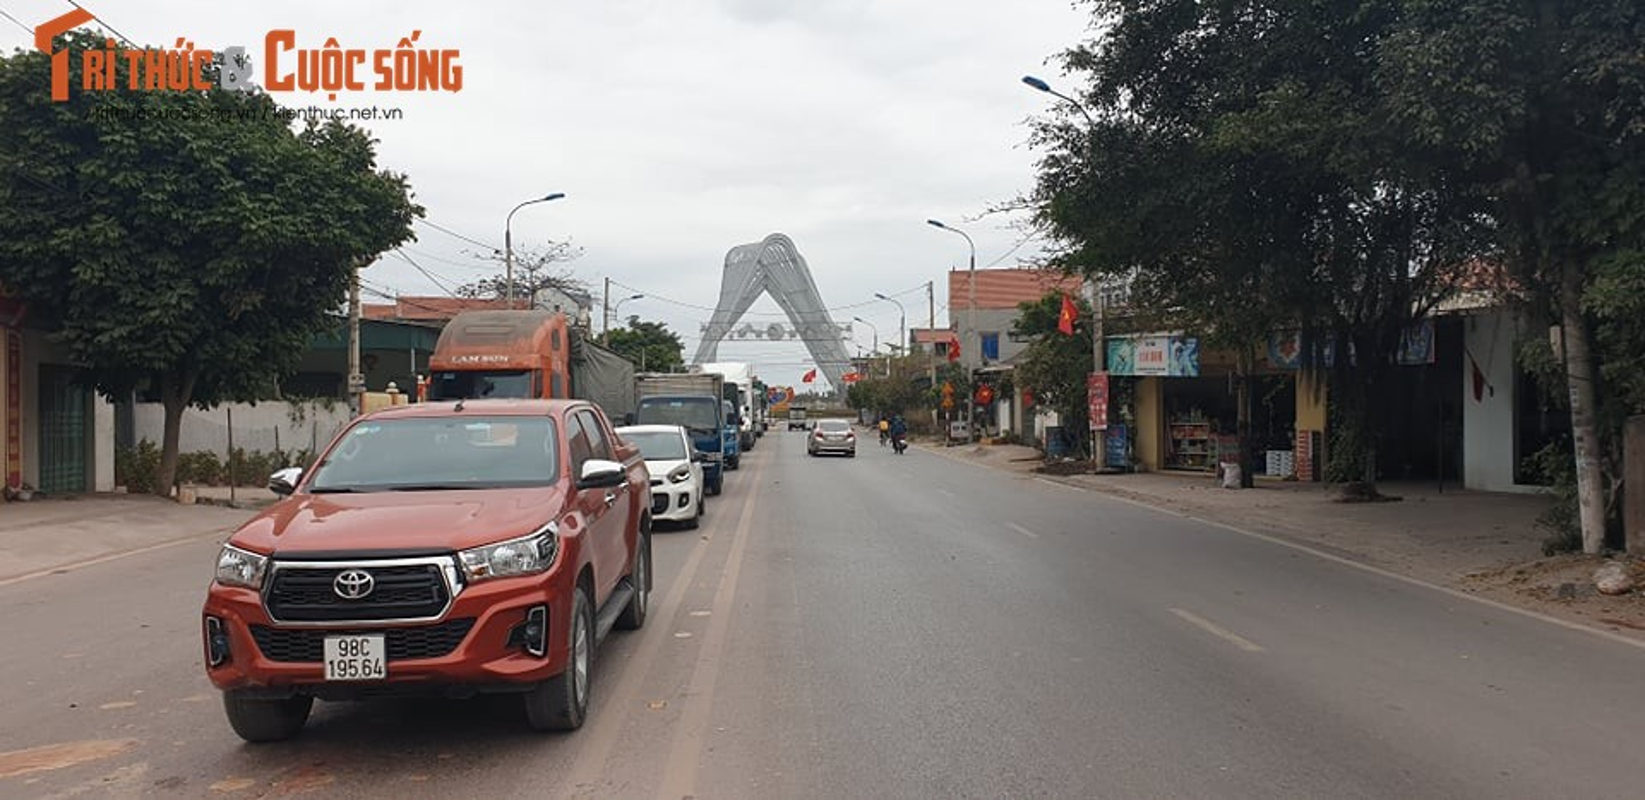 Quang Ninh lap chot kiem dich COVID-19, Quoc lo 18 un u keo dai-Hinh-3